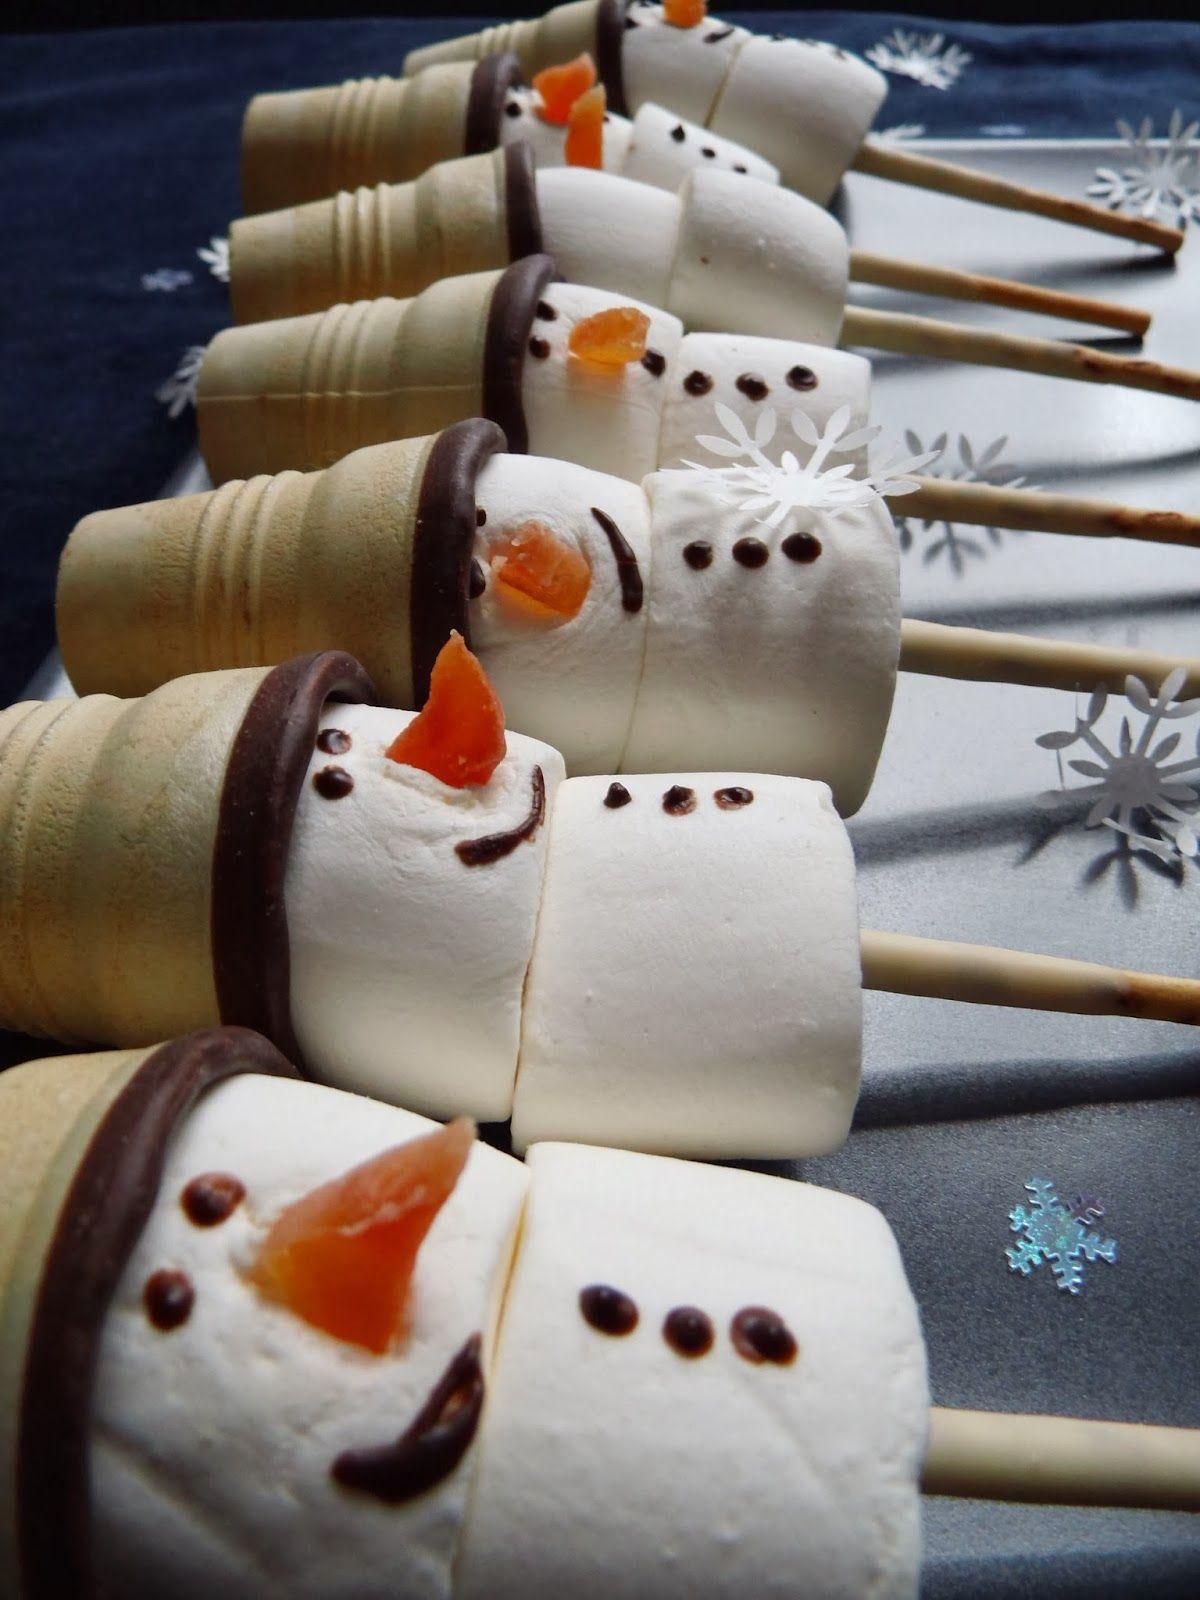 Snowman marshmallow pops                                                                                                                                                                                 Mehr #kleineweihnachtsgeschenkebasteln